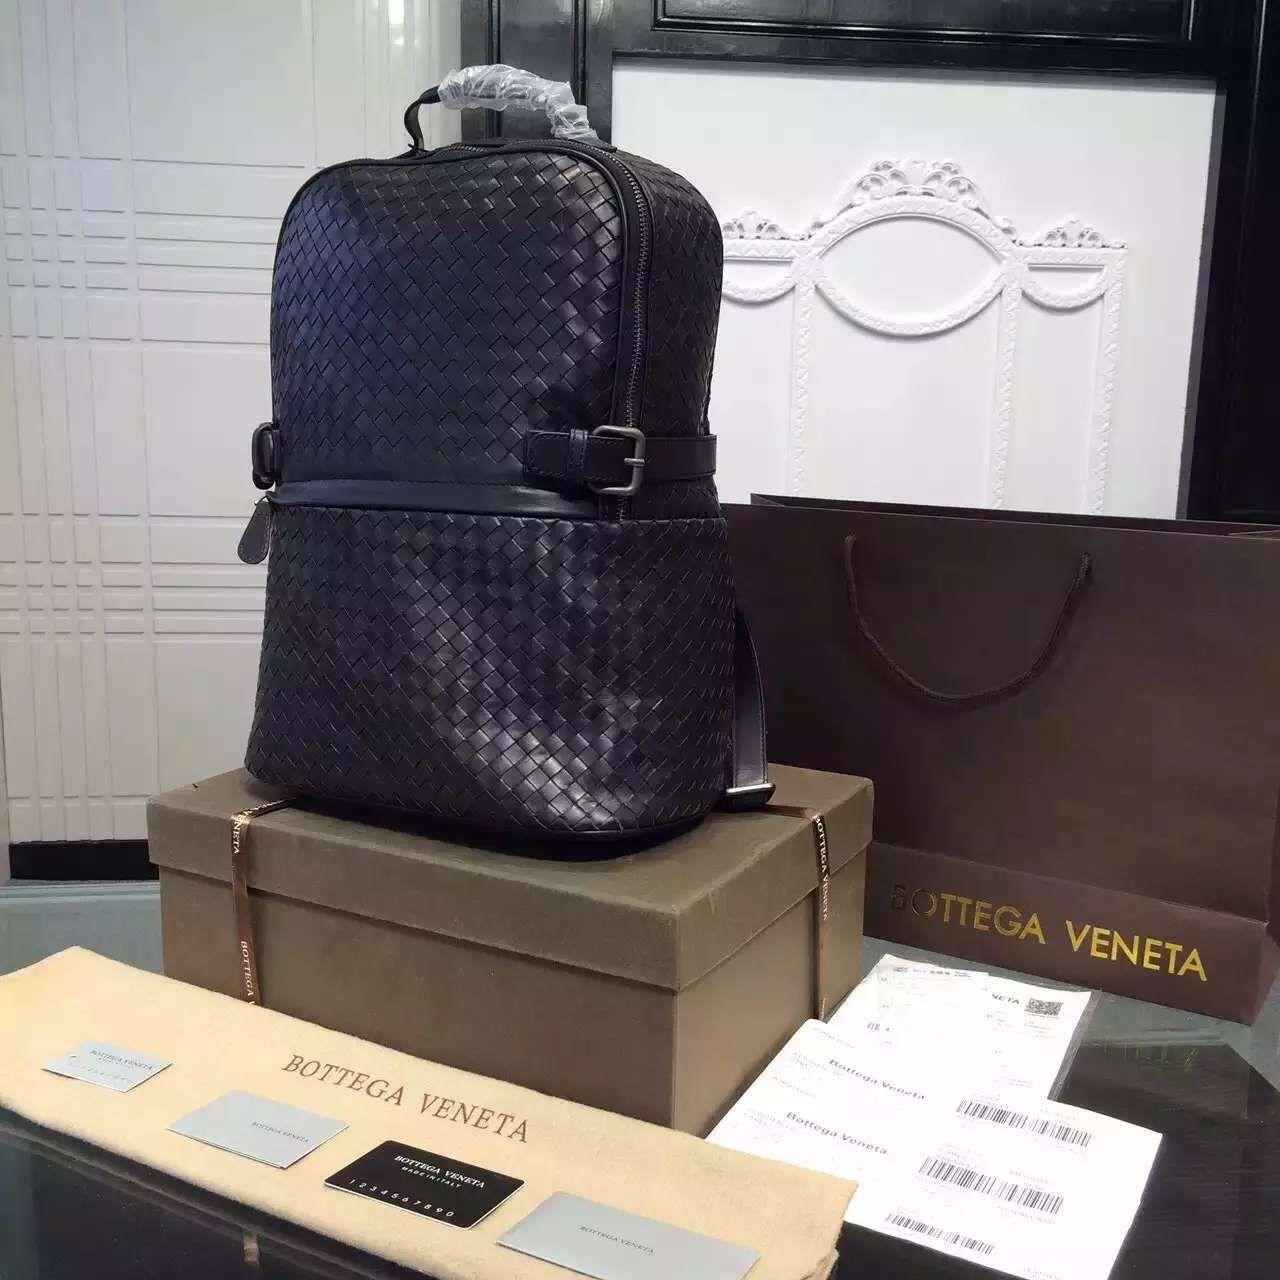 Bottega Veneta Capri Bv Blue Handbags Leather Messenger Bag Belt Price